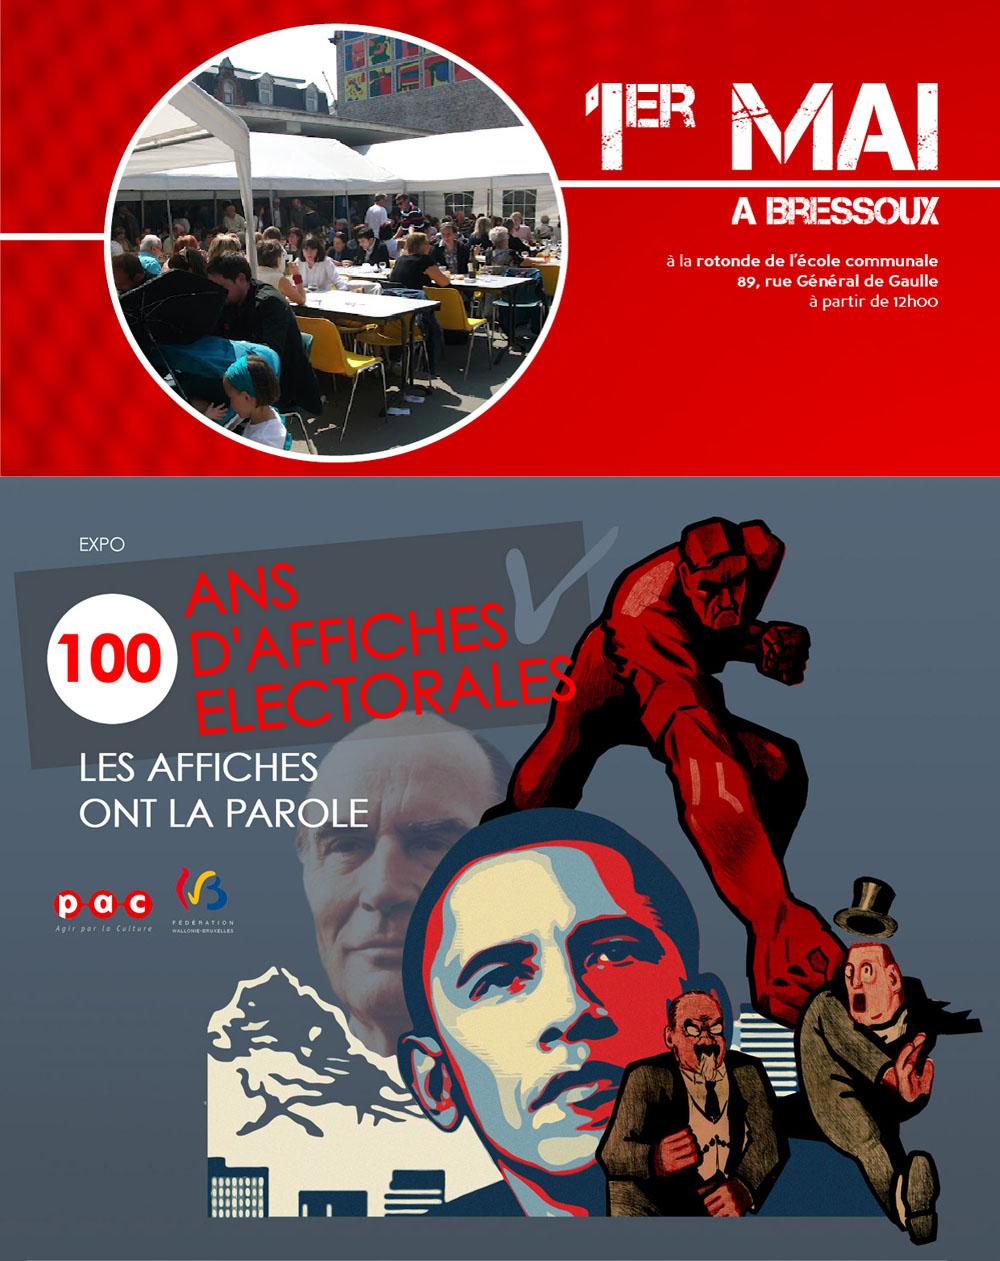 1er Mai Bressoux 2012